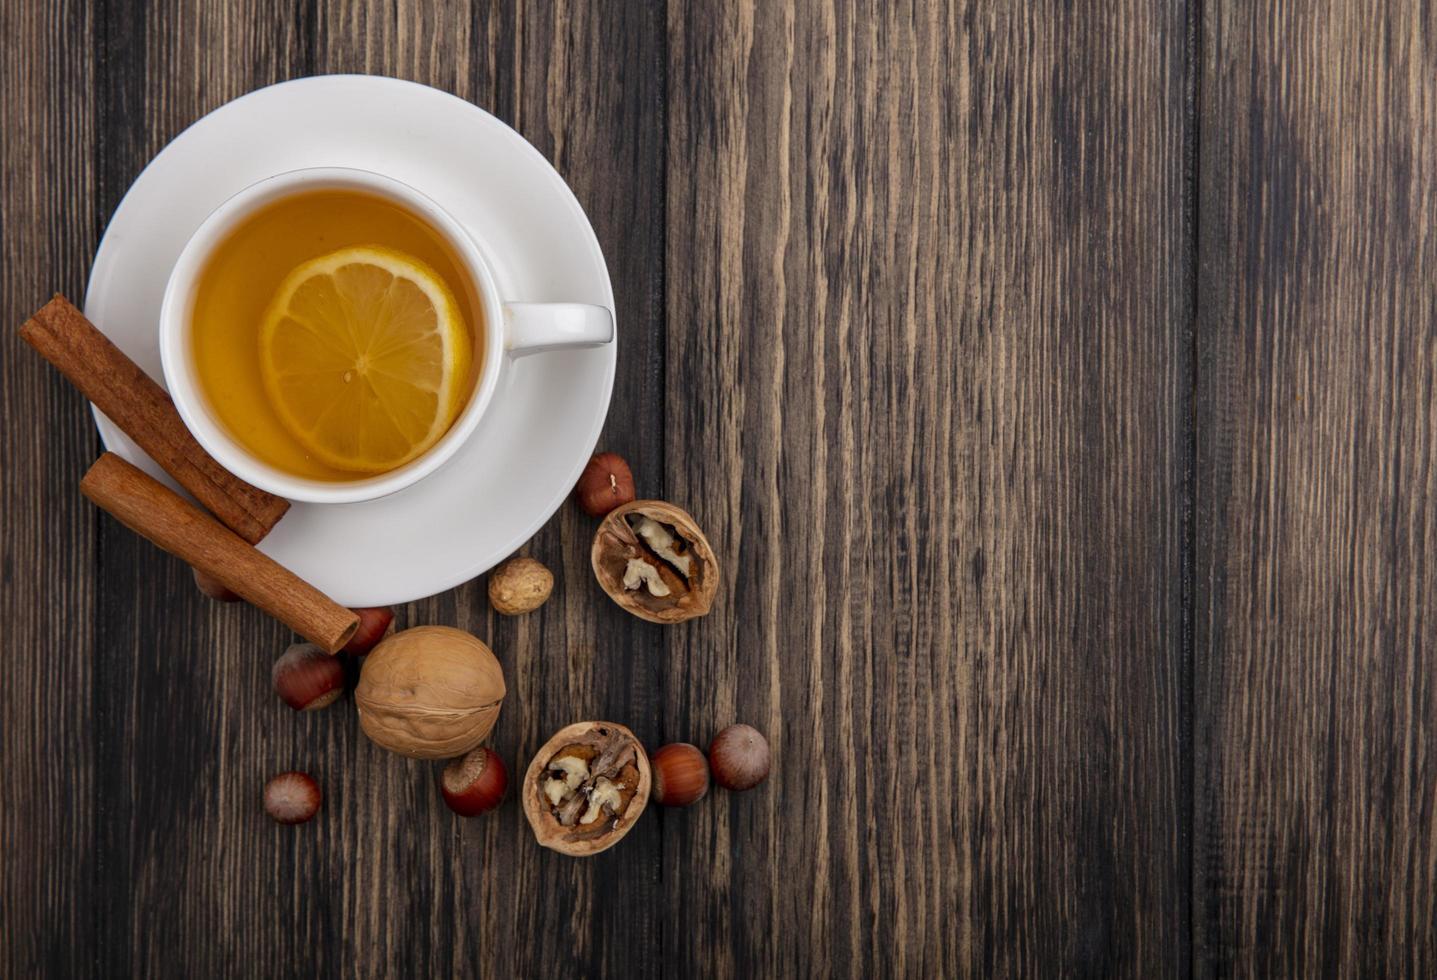 Fotografía de alimentos laicos plana de una taza de té con nueces y canela sobre fondo de madera foto